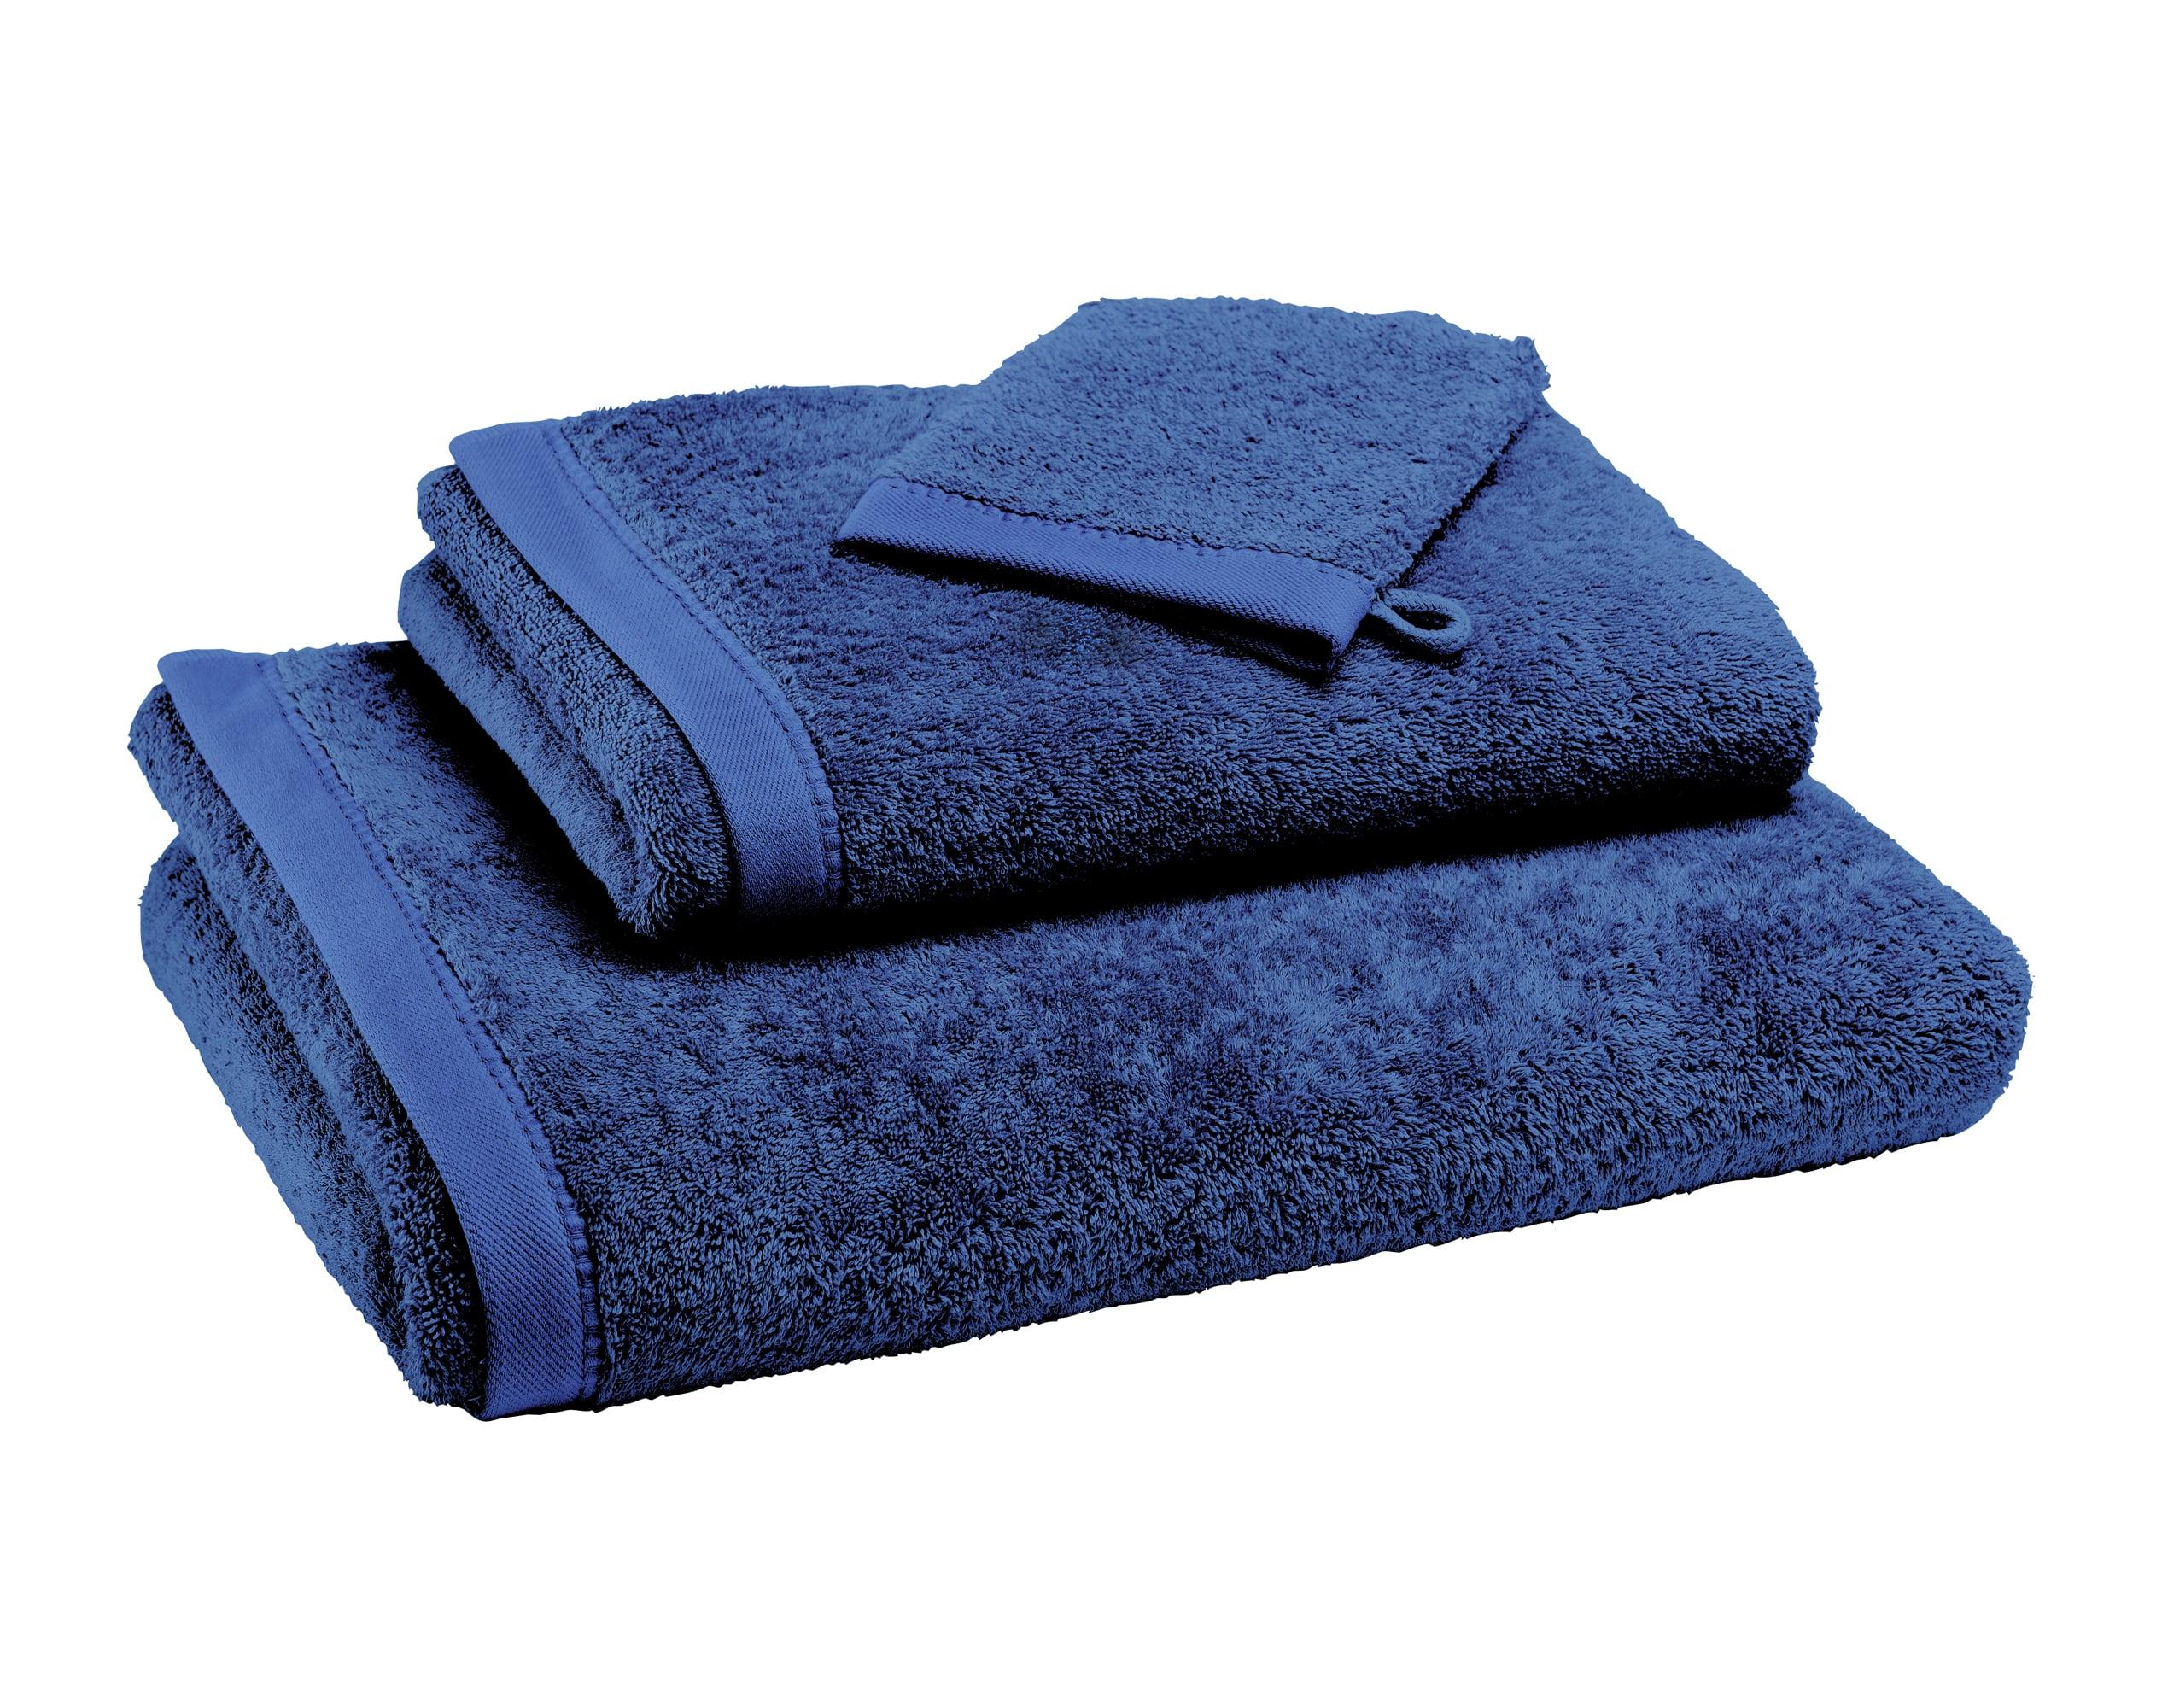 Drap de bain bleu orage 70x140 en coton bio